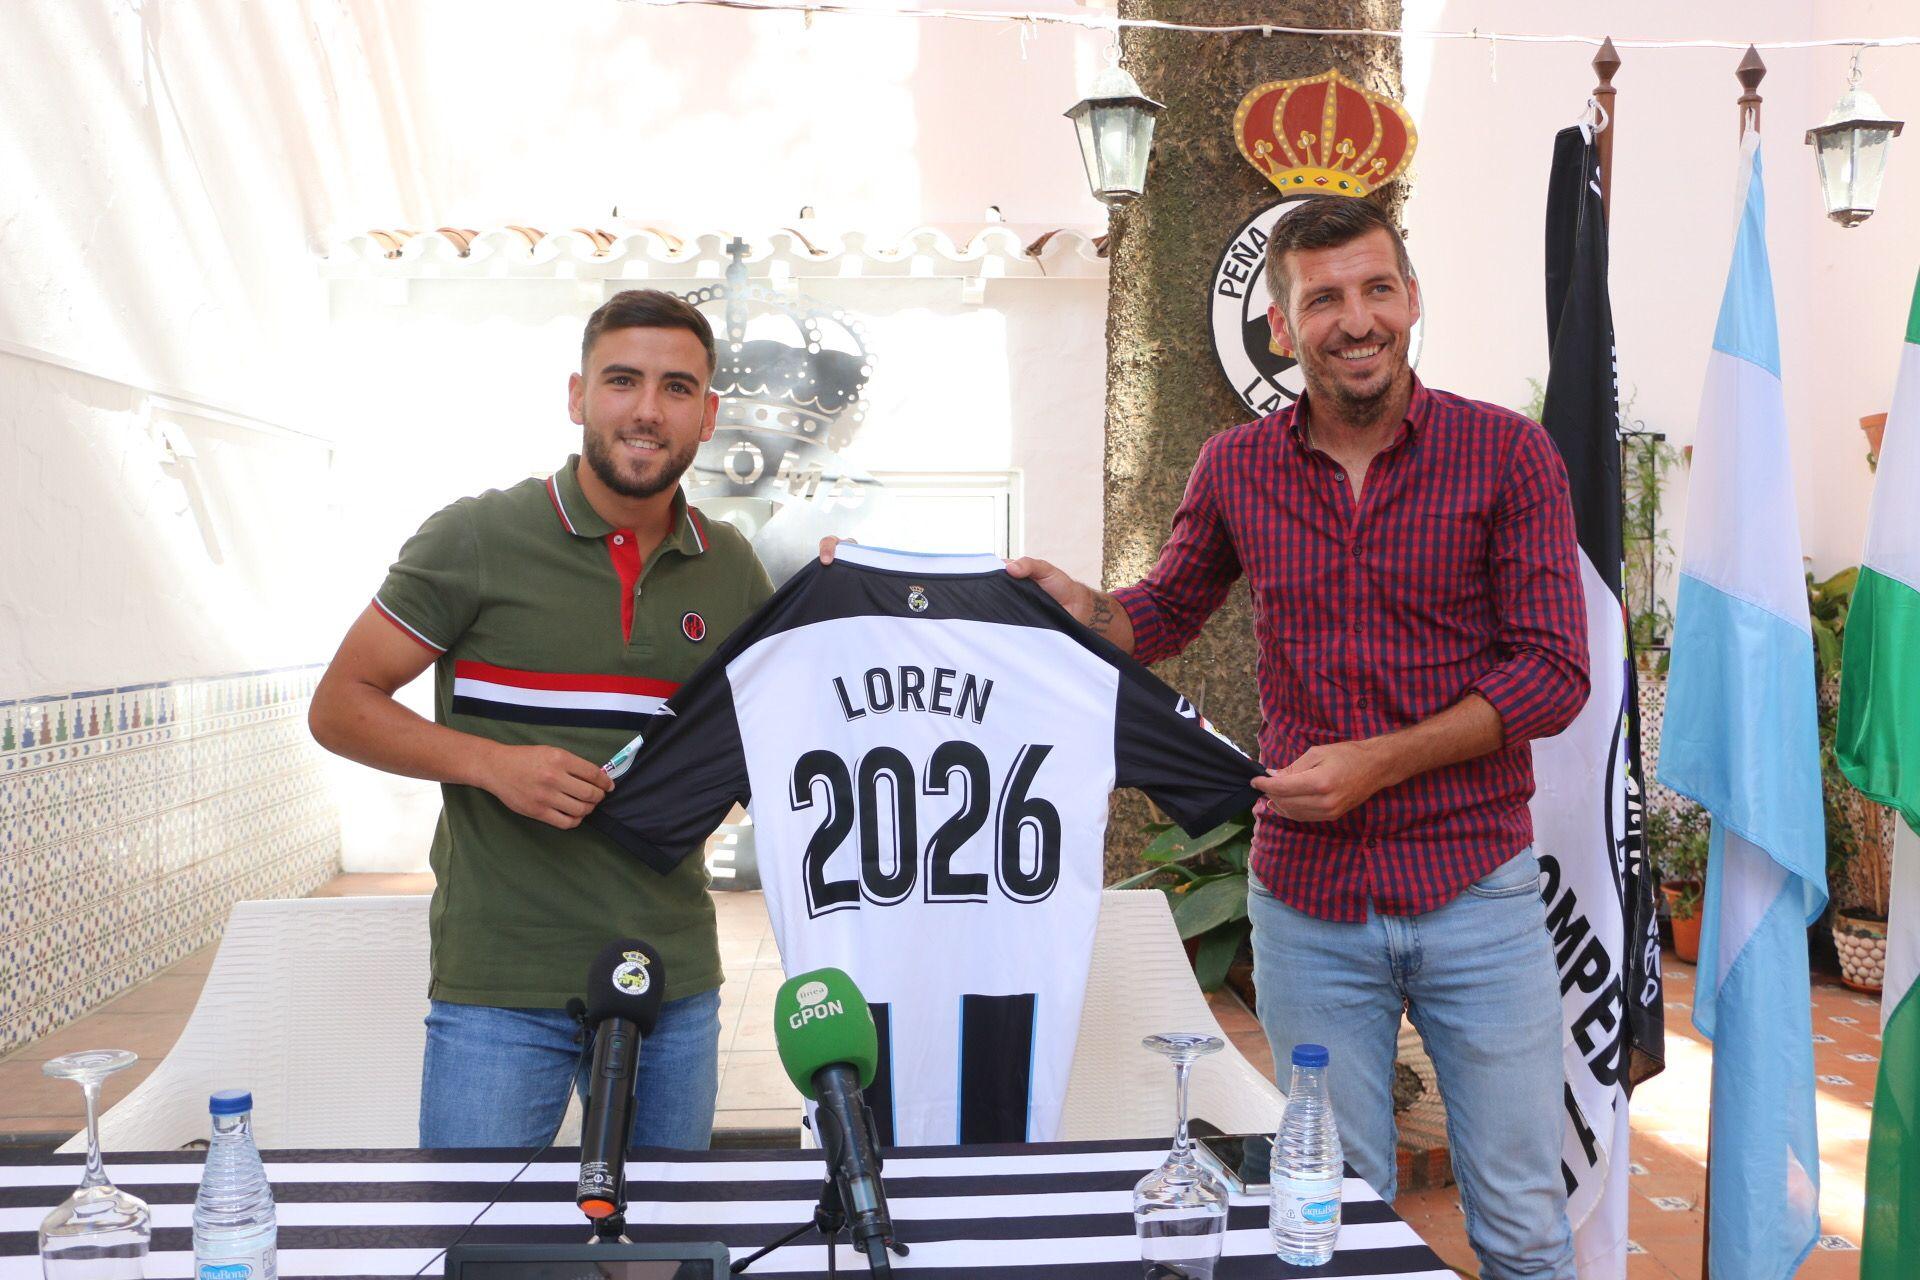 El extremo linense Loren renueva hasta 2026 con la Real Balompédica linense, cumpliendo así su sueño que tenía de niño